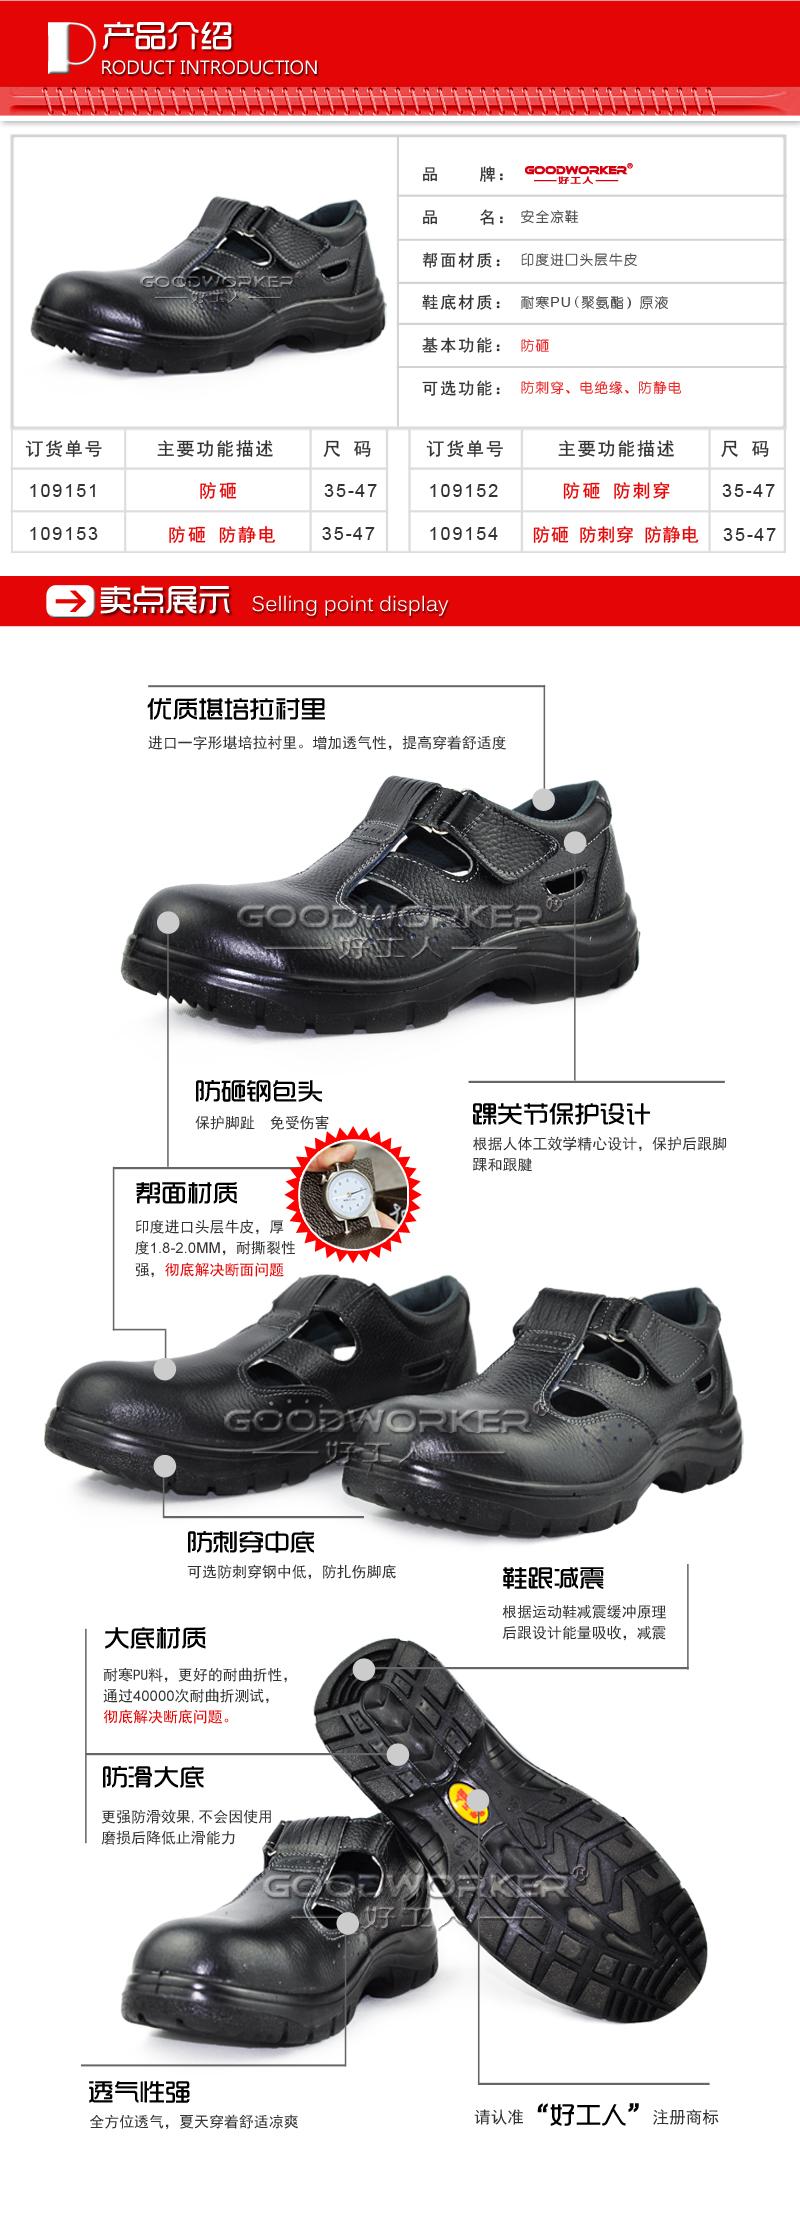 安全凉鞋 安全凉鞋价格 安全凉鞋公司